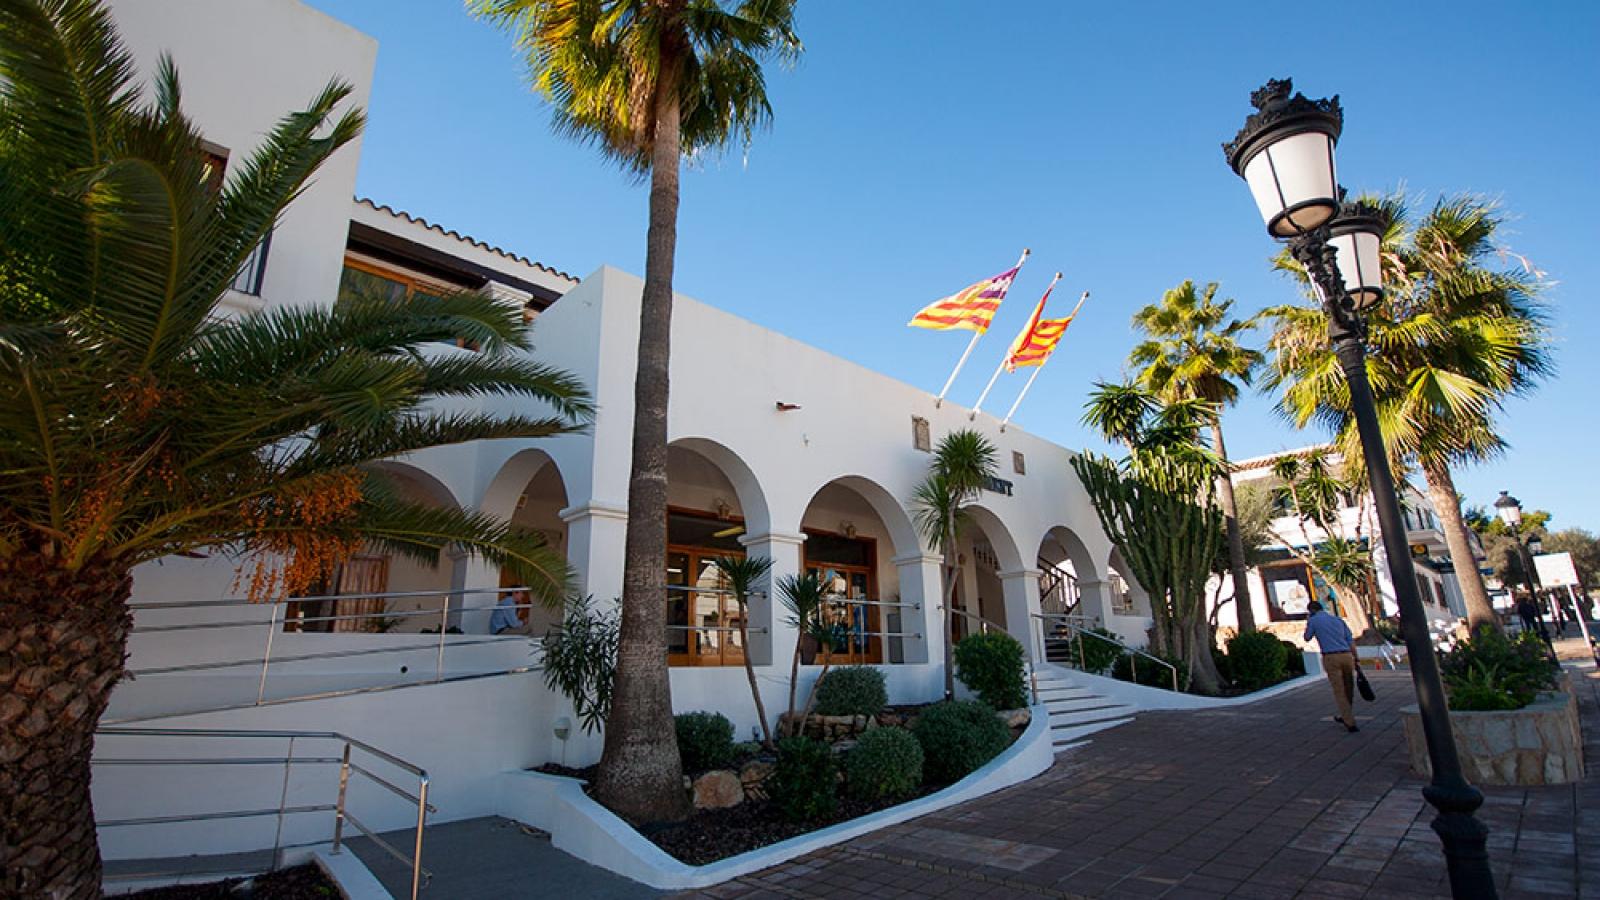 Ajuntament de Sant Josep